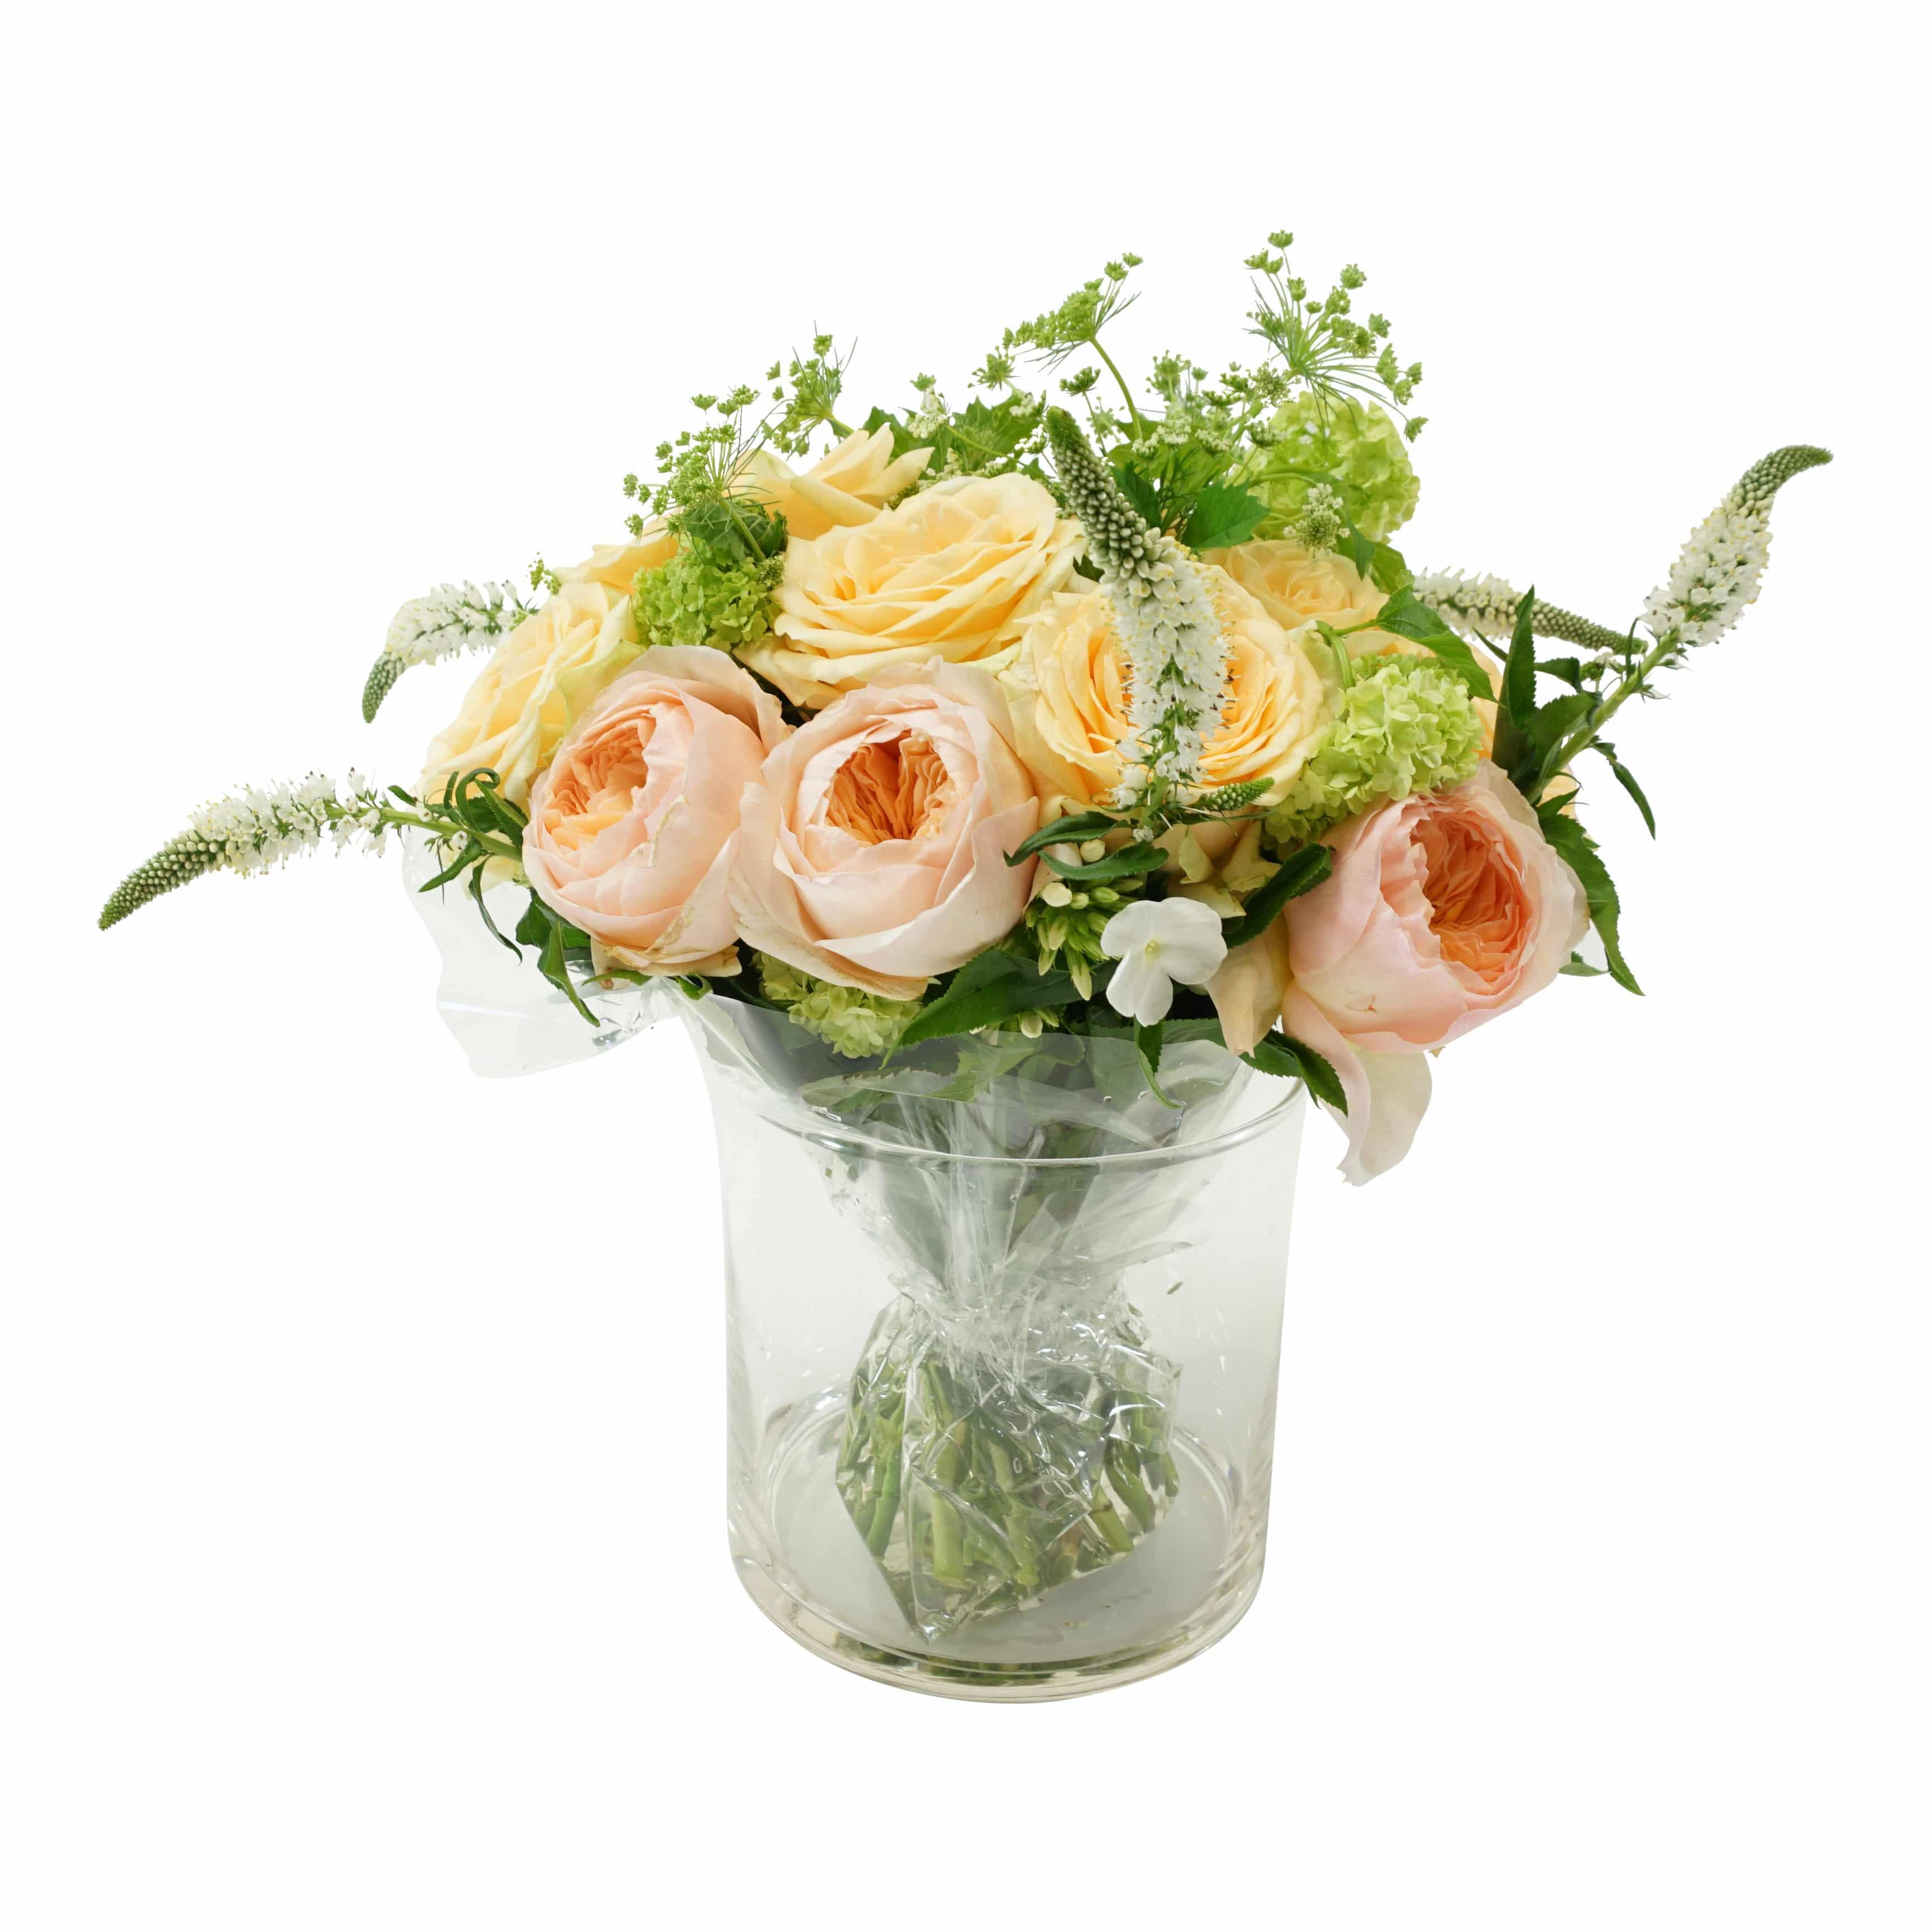 Lollipop flowers free delivery in dublin a dsc09470 izmirmasajfo